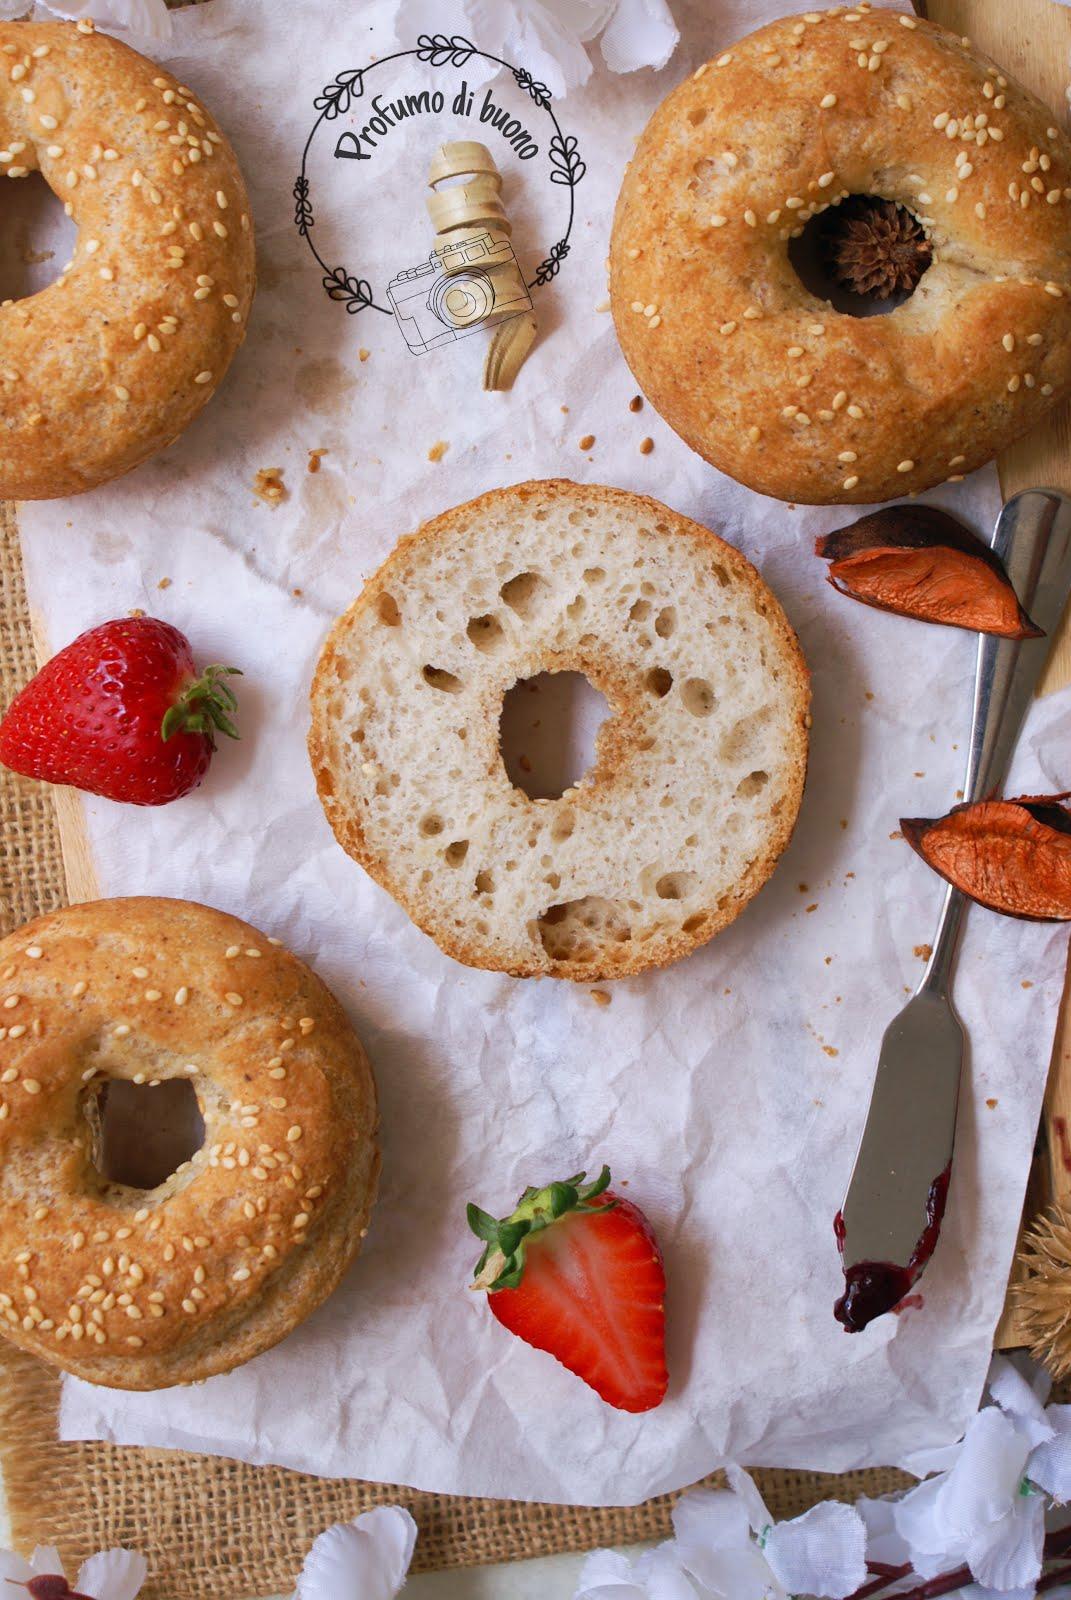 Ciambelline di pane al sorgo senza glutine con semi di sesamo